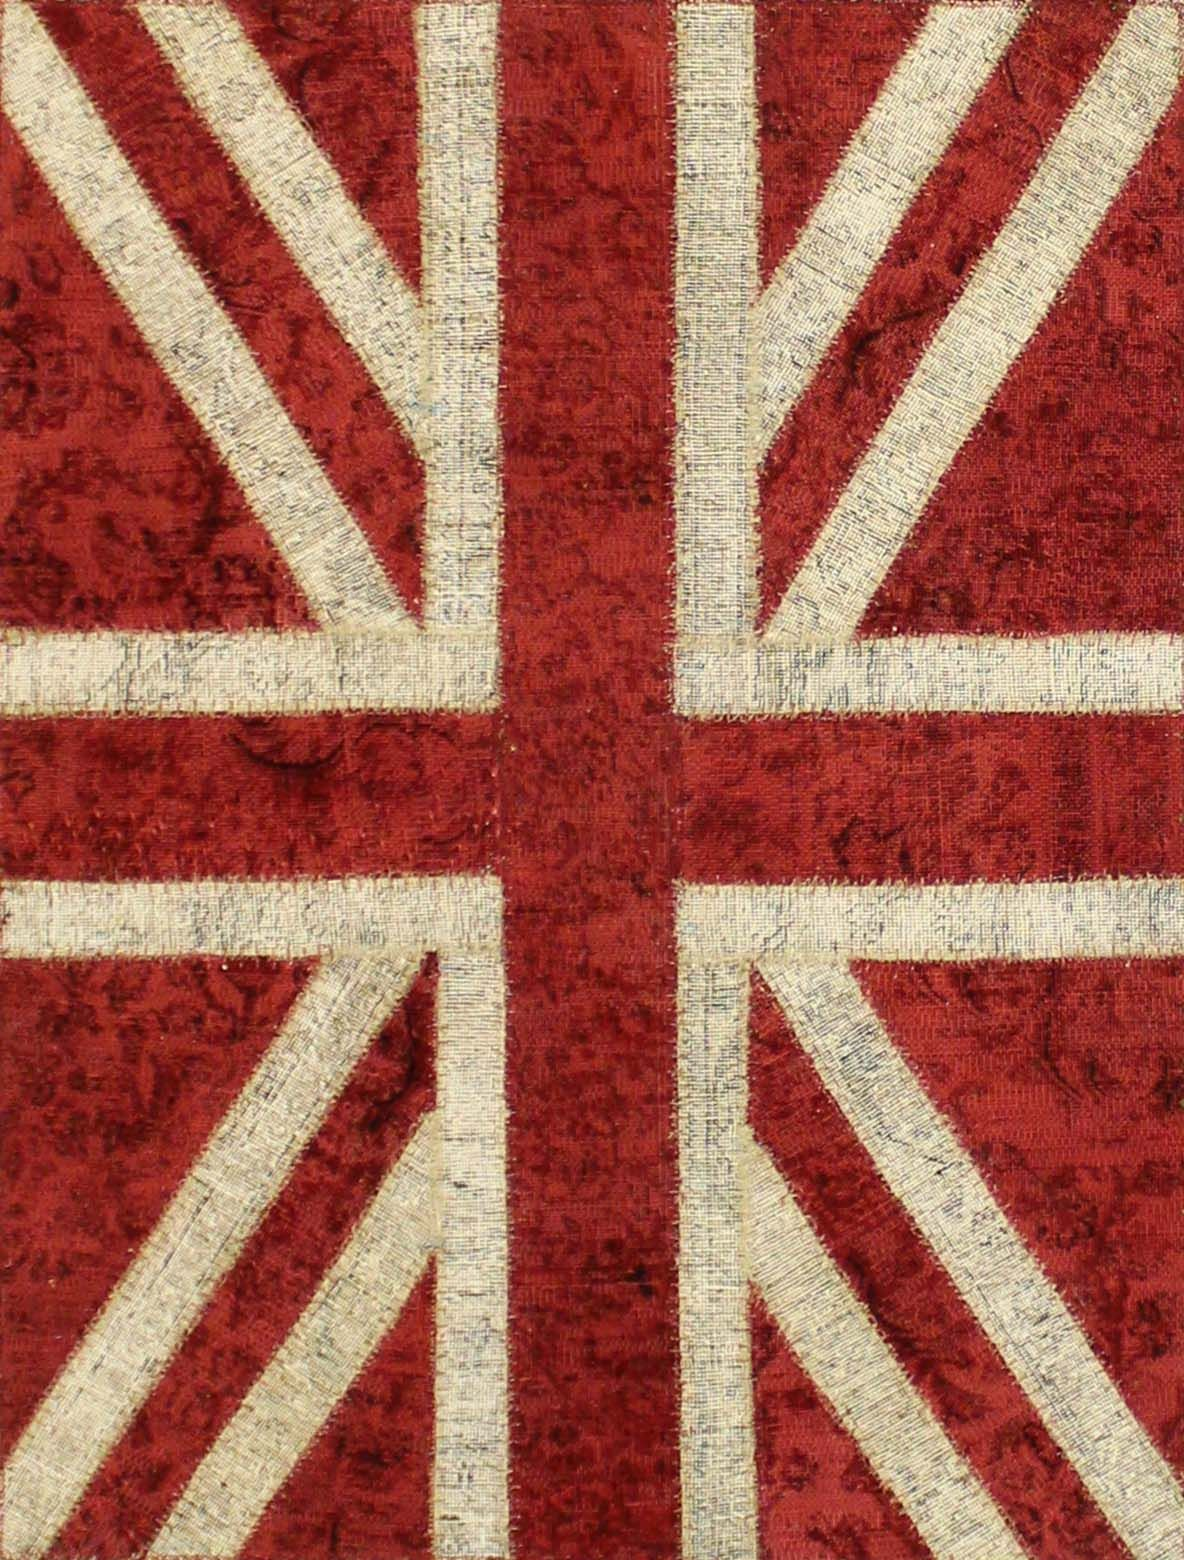 Vintage Stitch - Union Jack